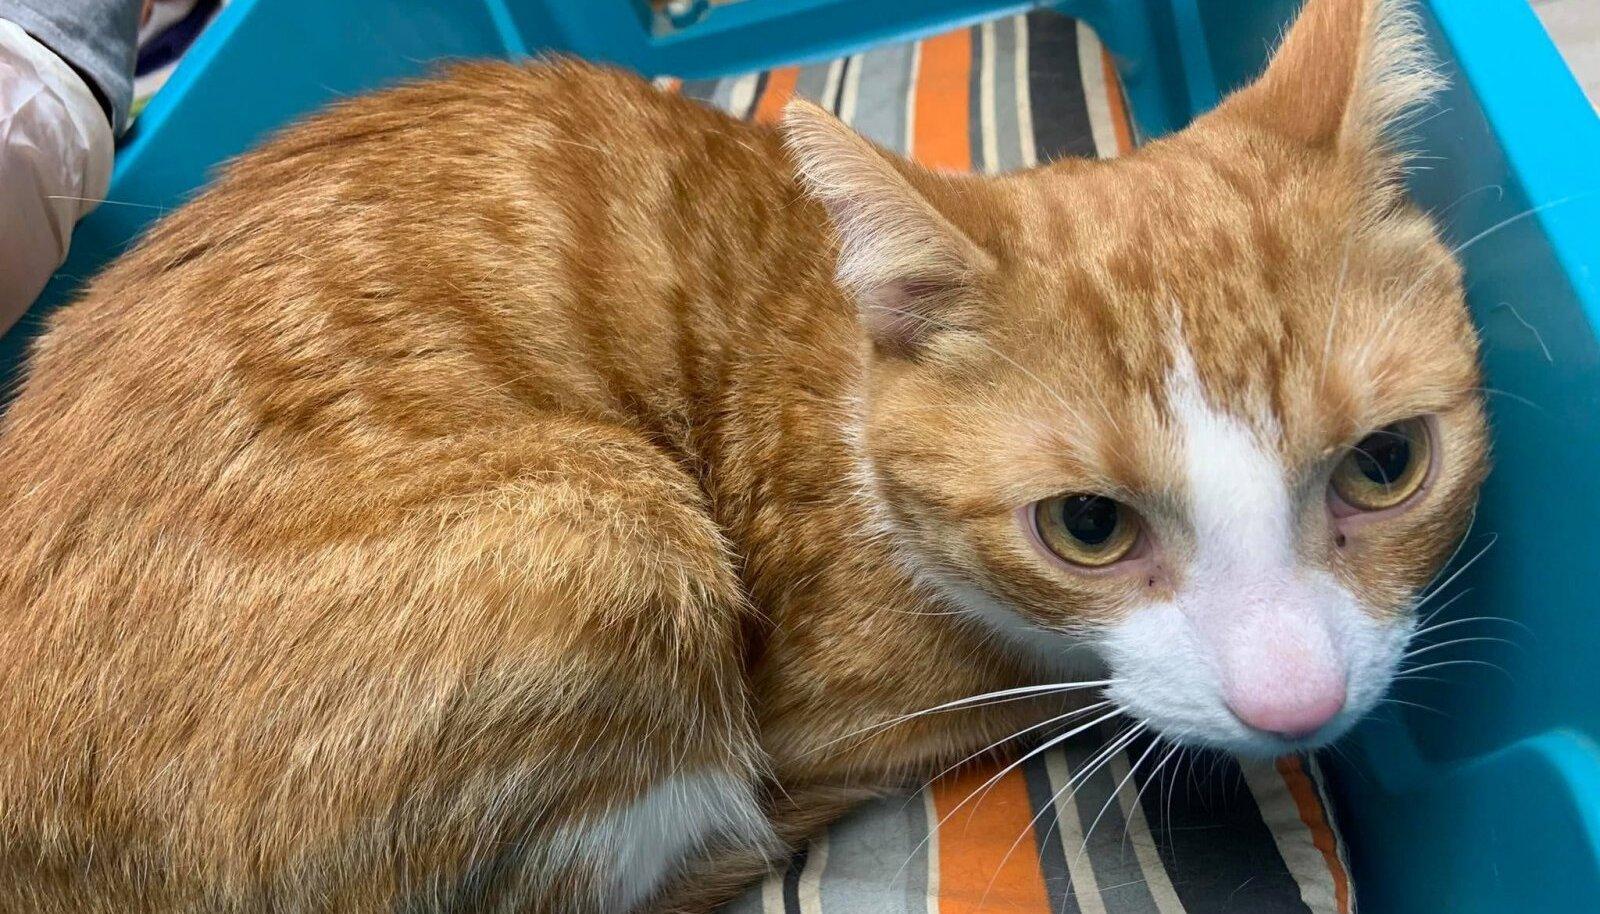 Haabersti loomakliinikusse toodud kass, kellest omanik soovis allergiale viidates vabaneda